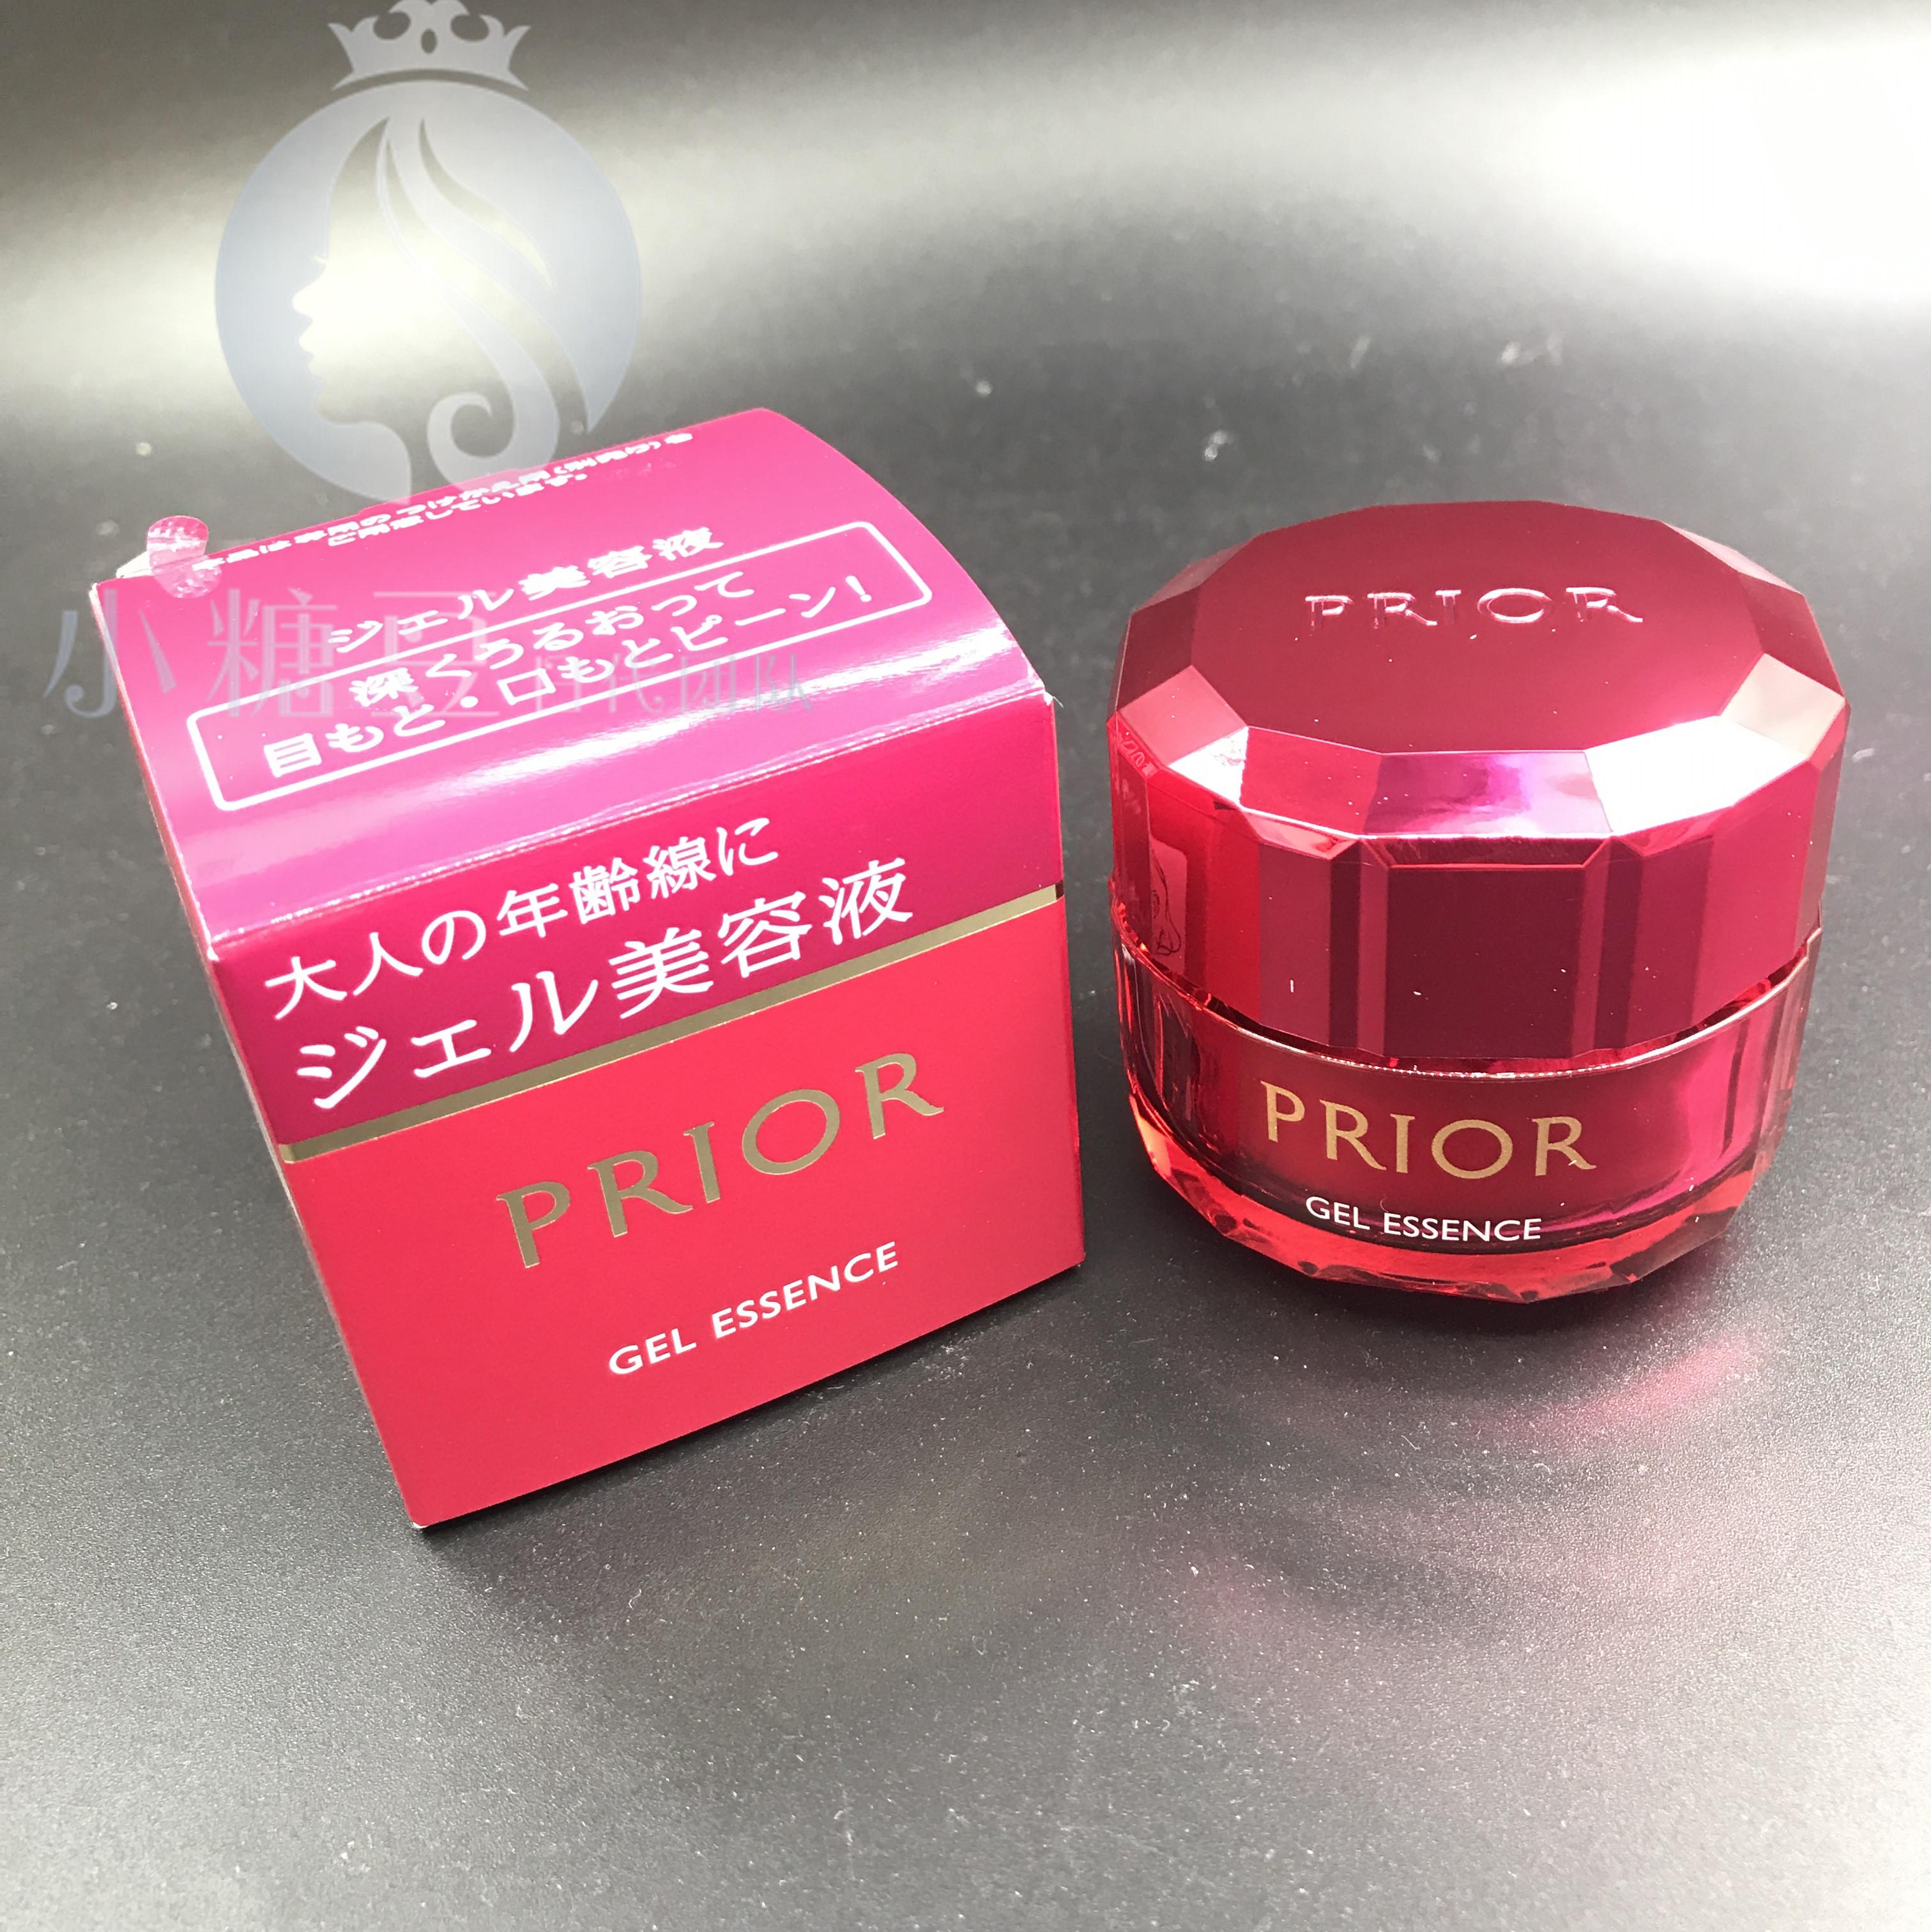 日本直邮 资生堂PRIOR50-60岁妈妈用高保湿抗衰�ㄠ�美容精华面霜